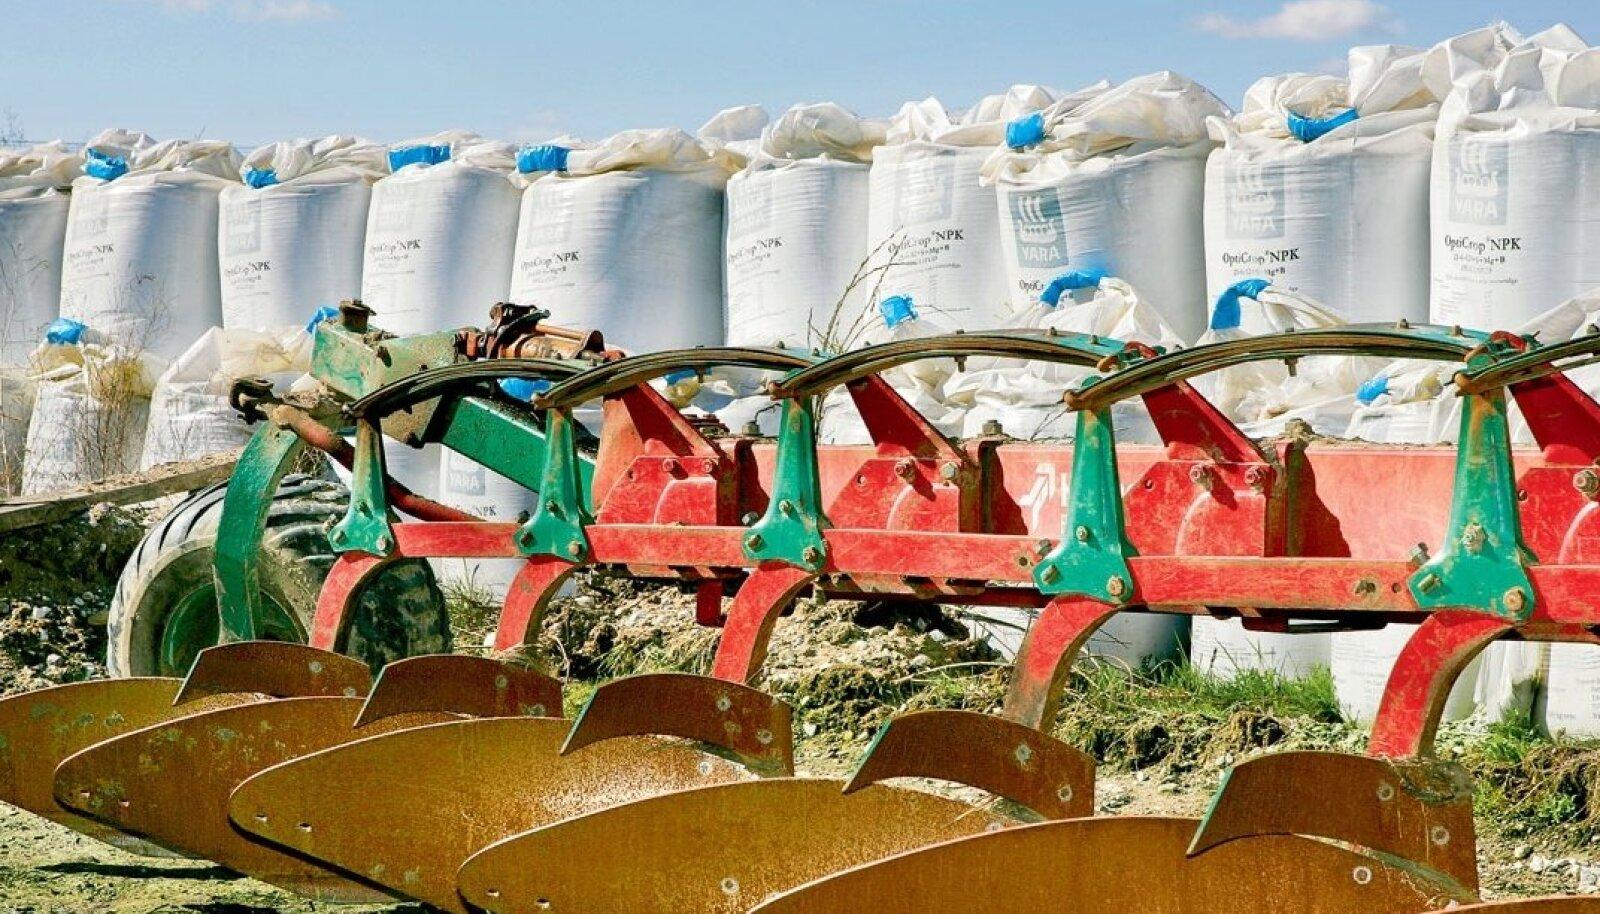 Kui suudame vähendada väetiste ja pestitsiidide kasutamist, siis väheneb nende keskkonnamõju konkreetsele põllule. Kuid kasutades vähem väetisi ja teisi aineid, toodame ka vähem toitu. See tähendab, et see toit tuleb toota mujal.